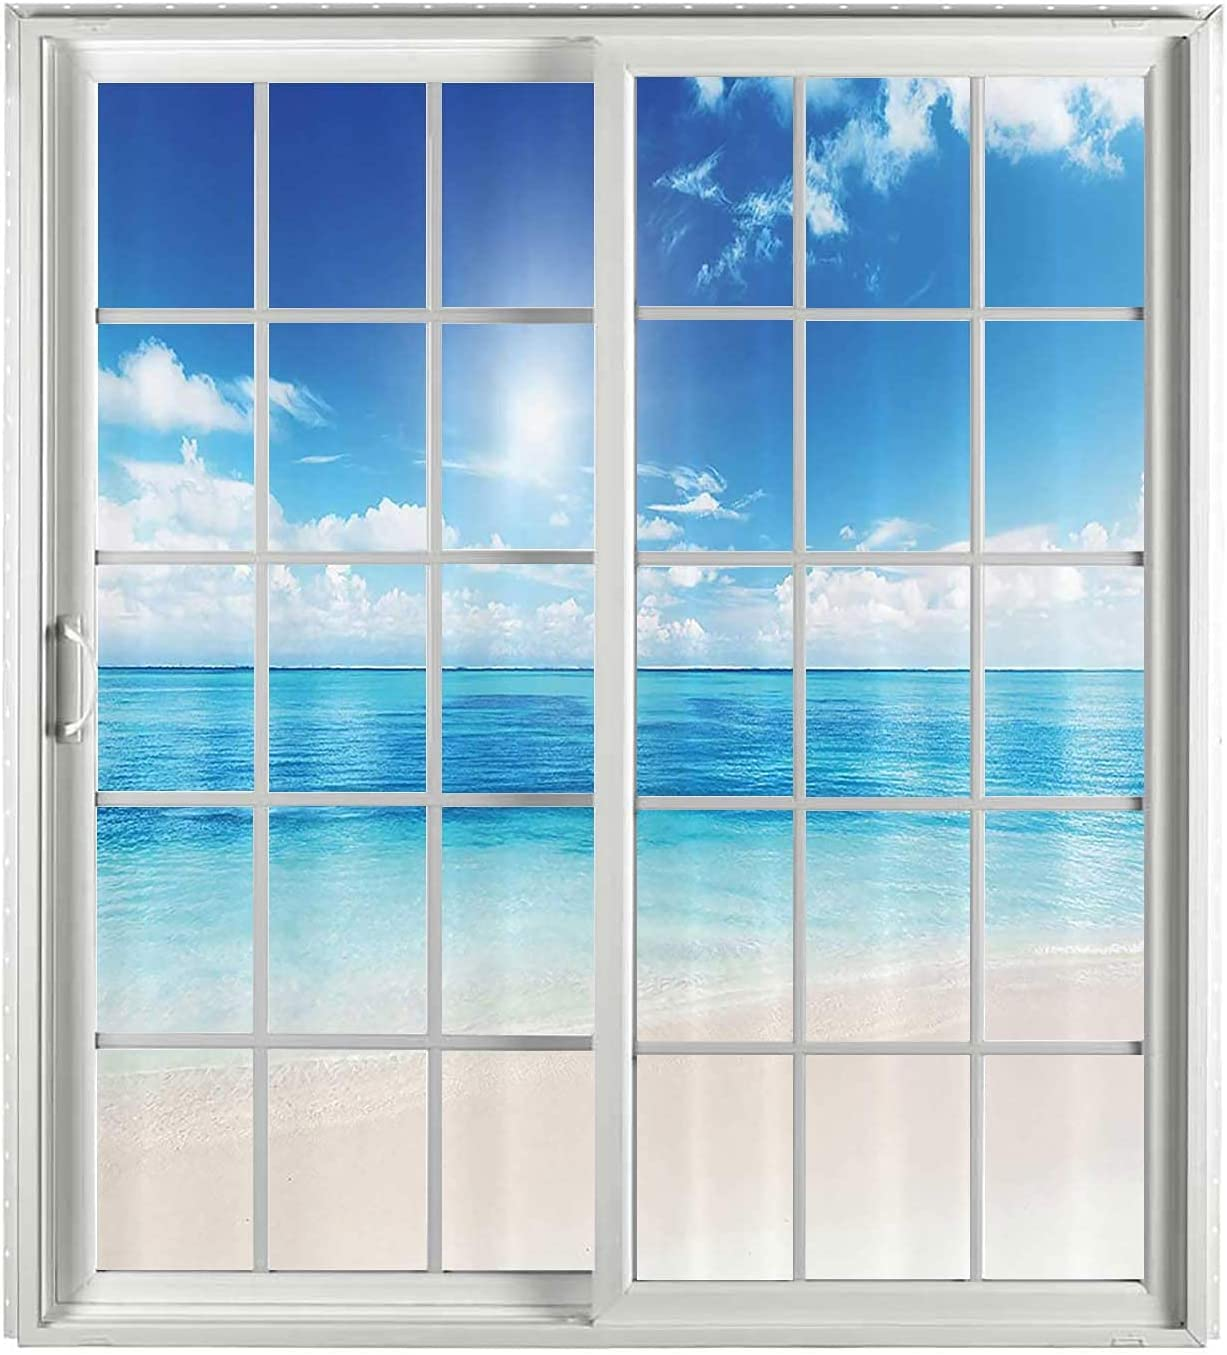 Ocean Decor Window Film Popular brand Privacy Bathroom PCS Turquoi 2 Set Max 66% OFF Cream